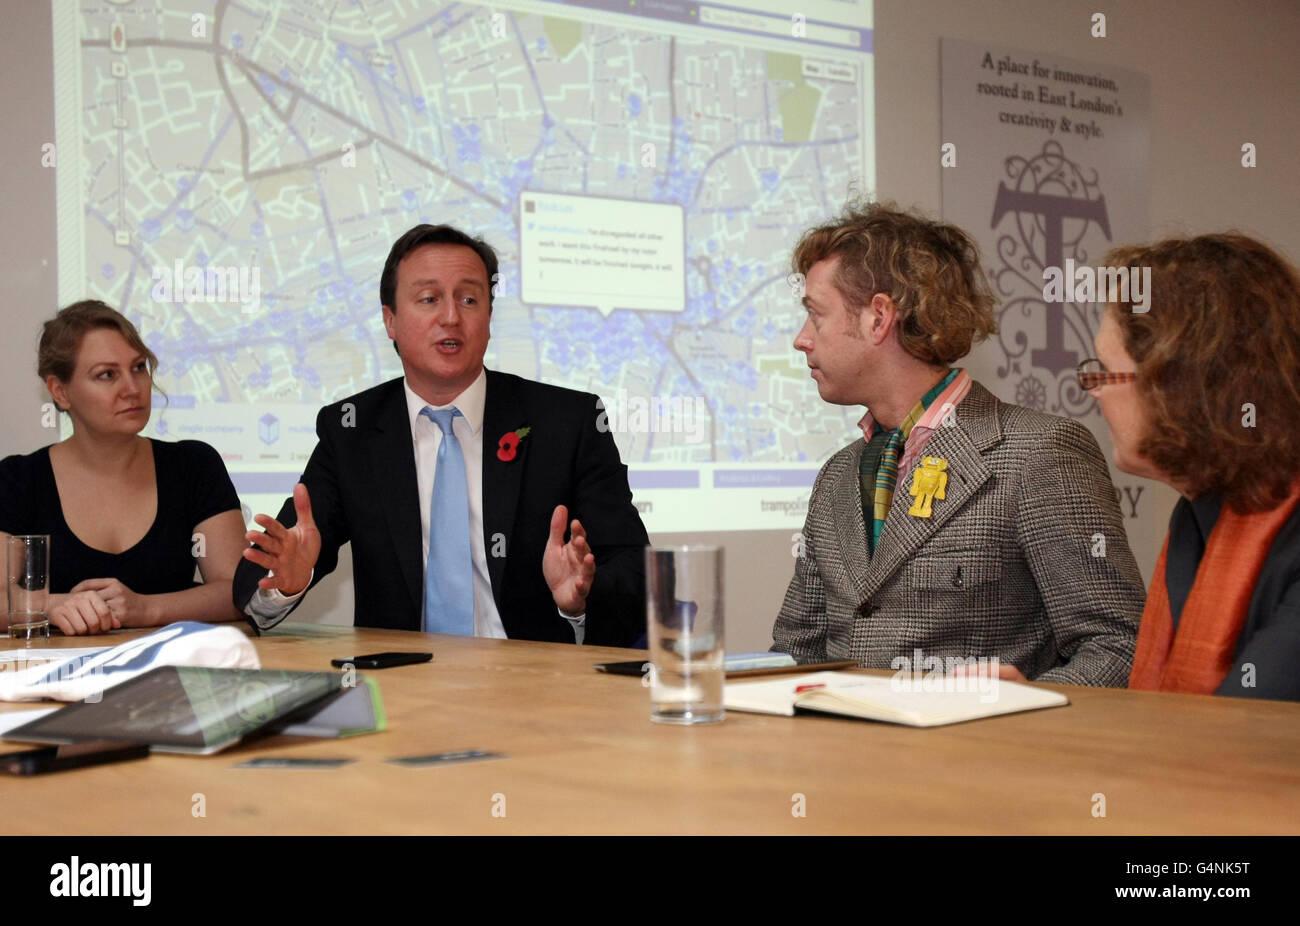 """Premierminister David Cameron spricht bei einem Besuch des Internetunternehmens The Trampery in Shoreditch, London, mit Mitarbeitern, nachdem er kleinere Unternehmen aufgefordert hatte, aus ihrer """"Komfortzone"""" herauszukommen und Waren ins Ausland zu exportieren, da er verkündete, dass 95 Millionen Pfund für Investitionen zur Verfügung gestellt werden sollen. Stockfoto"""